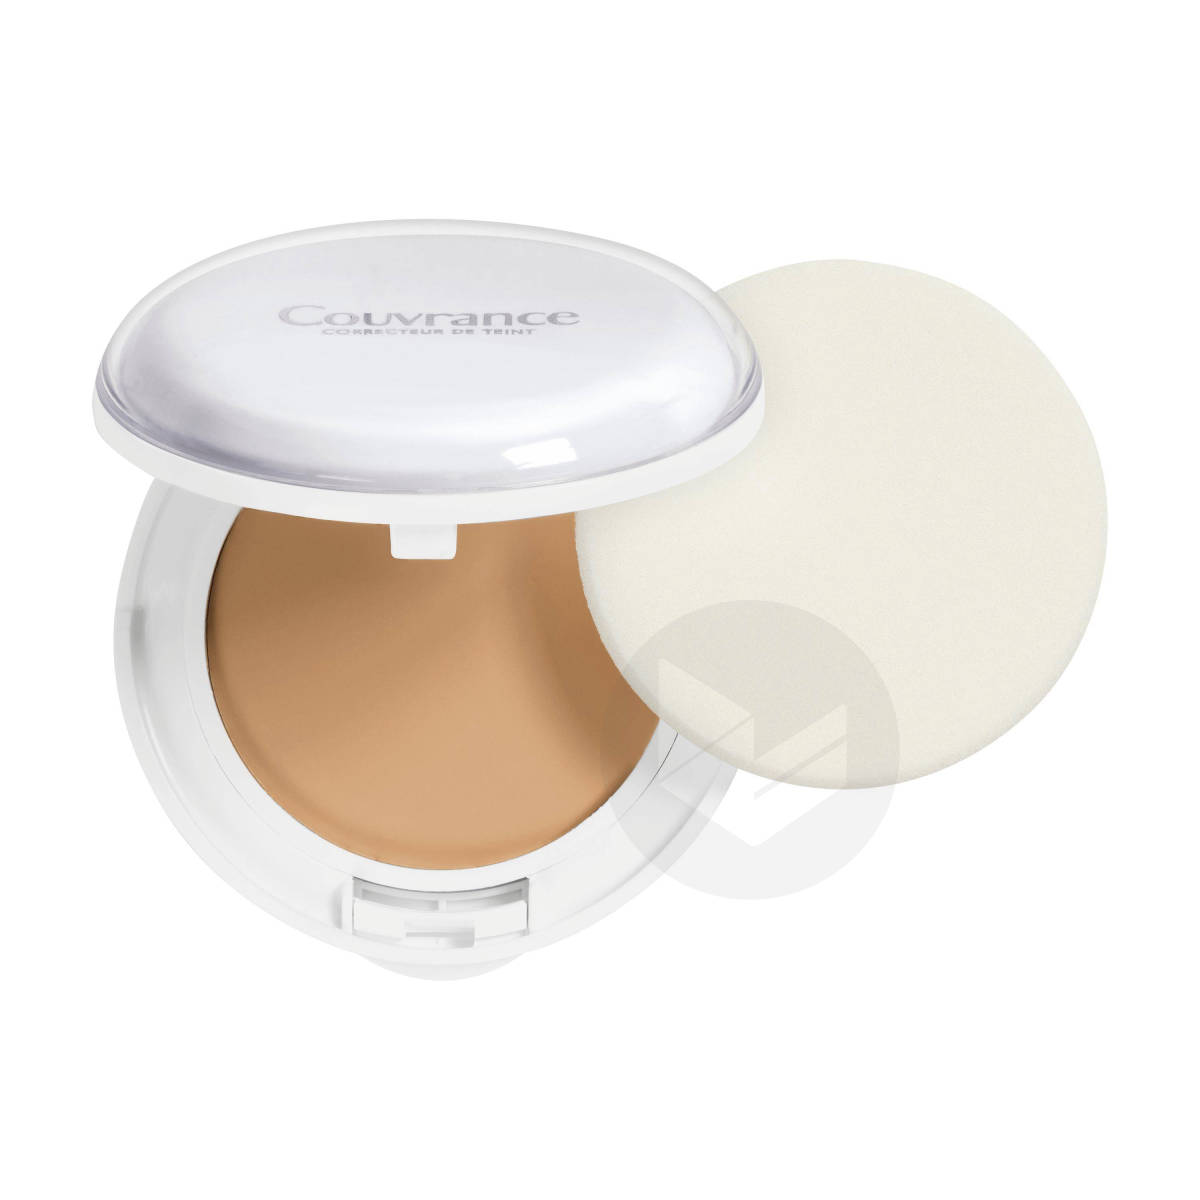 Crème De Teint Compacte Confort Fini Velouté Naturel Porcelaine N°1.0 - Peaux Très Claires Et Sensibles 10g